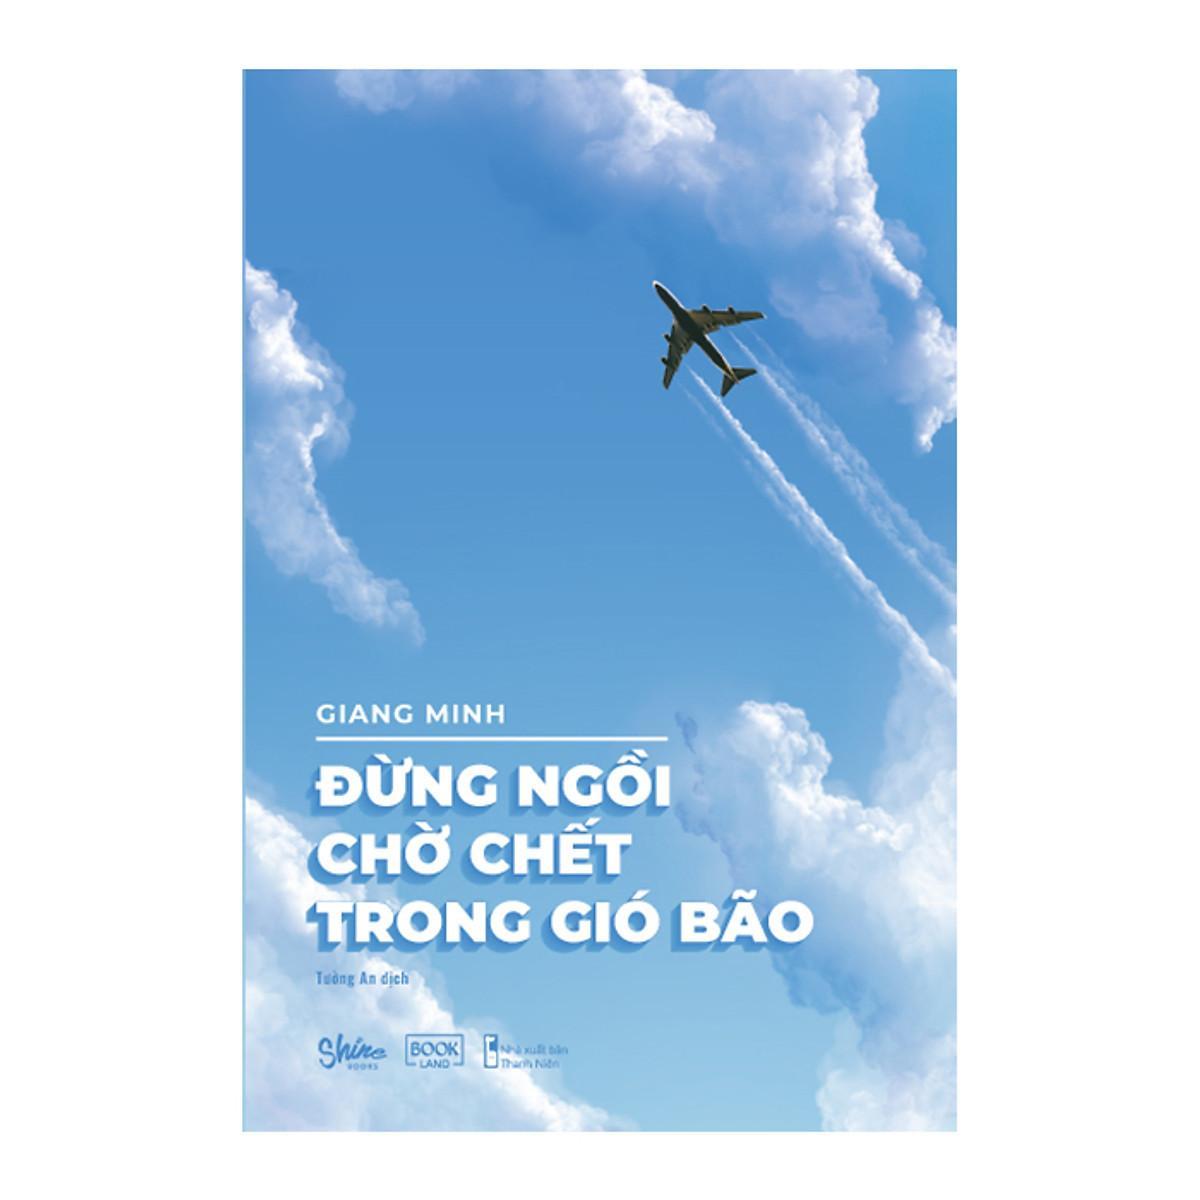 Review Sách Đừng ngồi chờ chết trong gió bão của Giang Minh